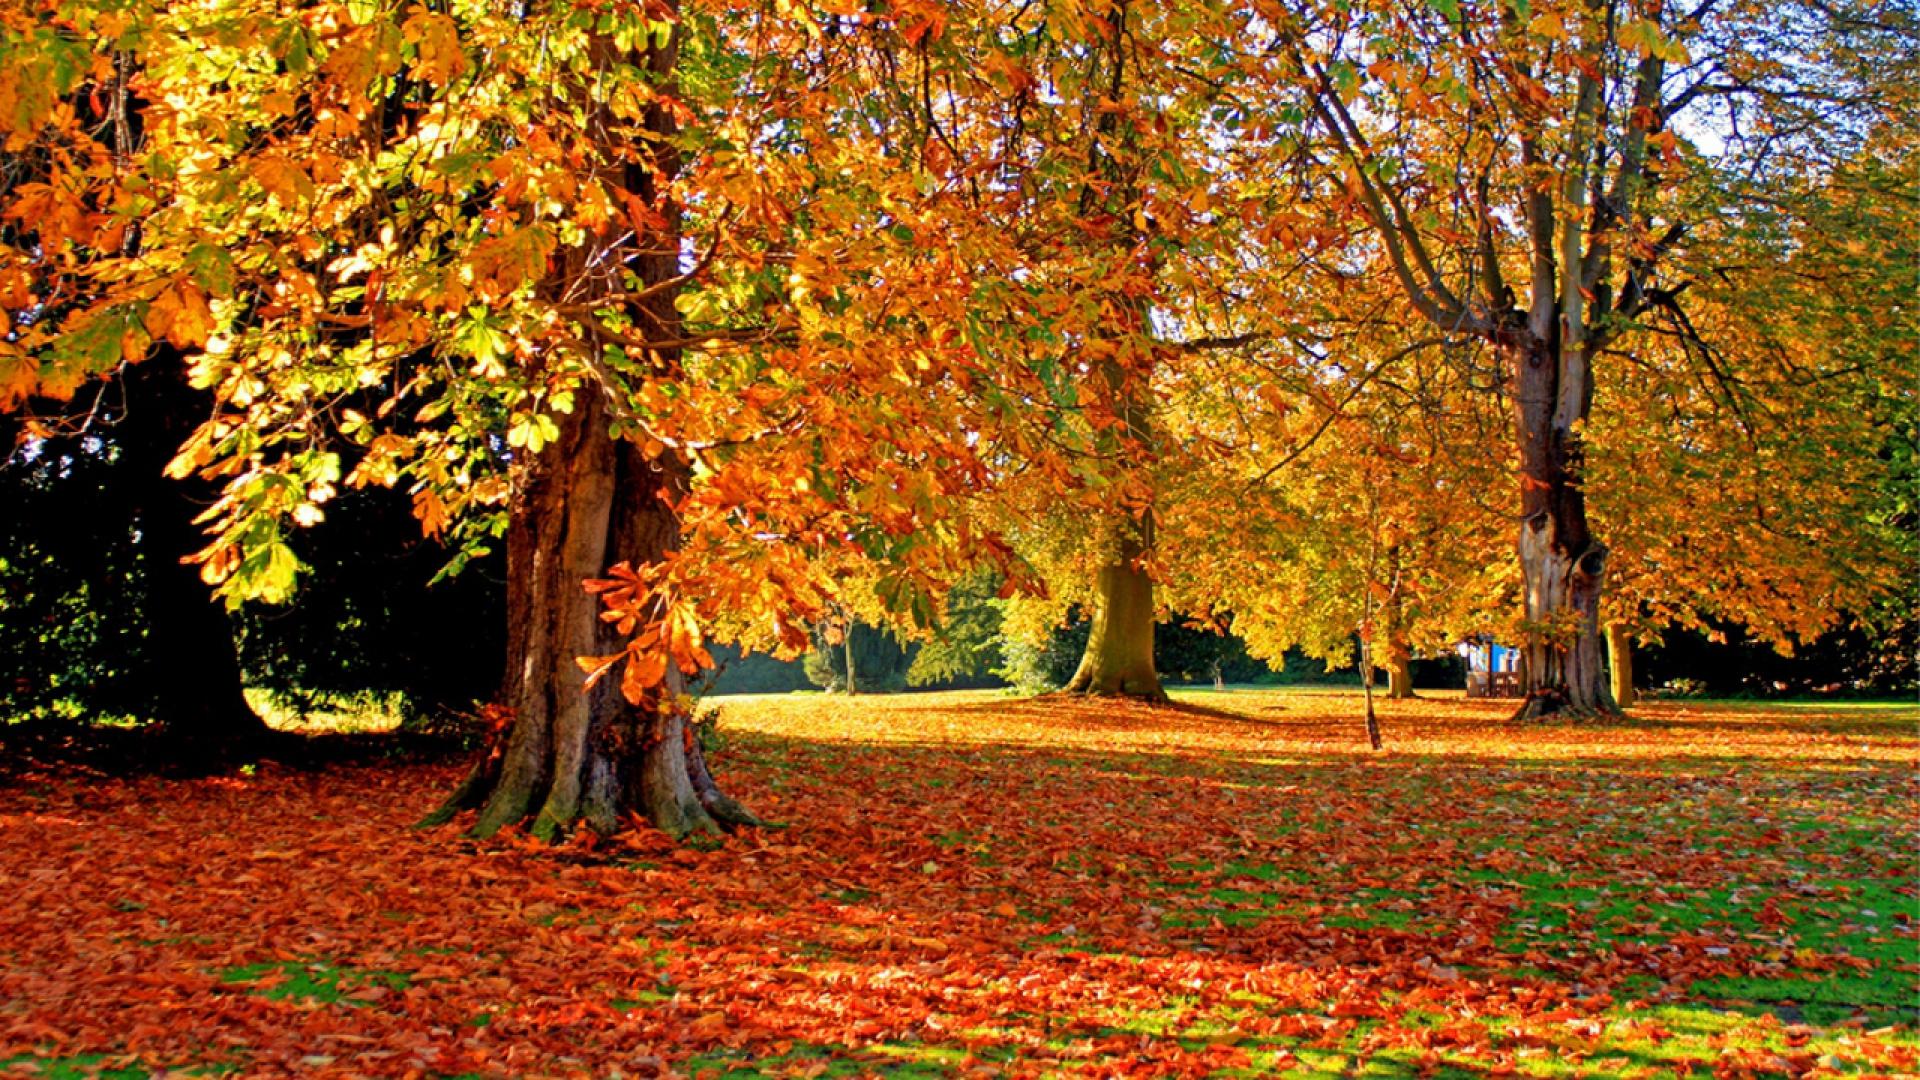 Hình nền mùa thu Autumn19a